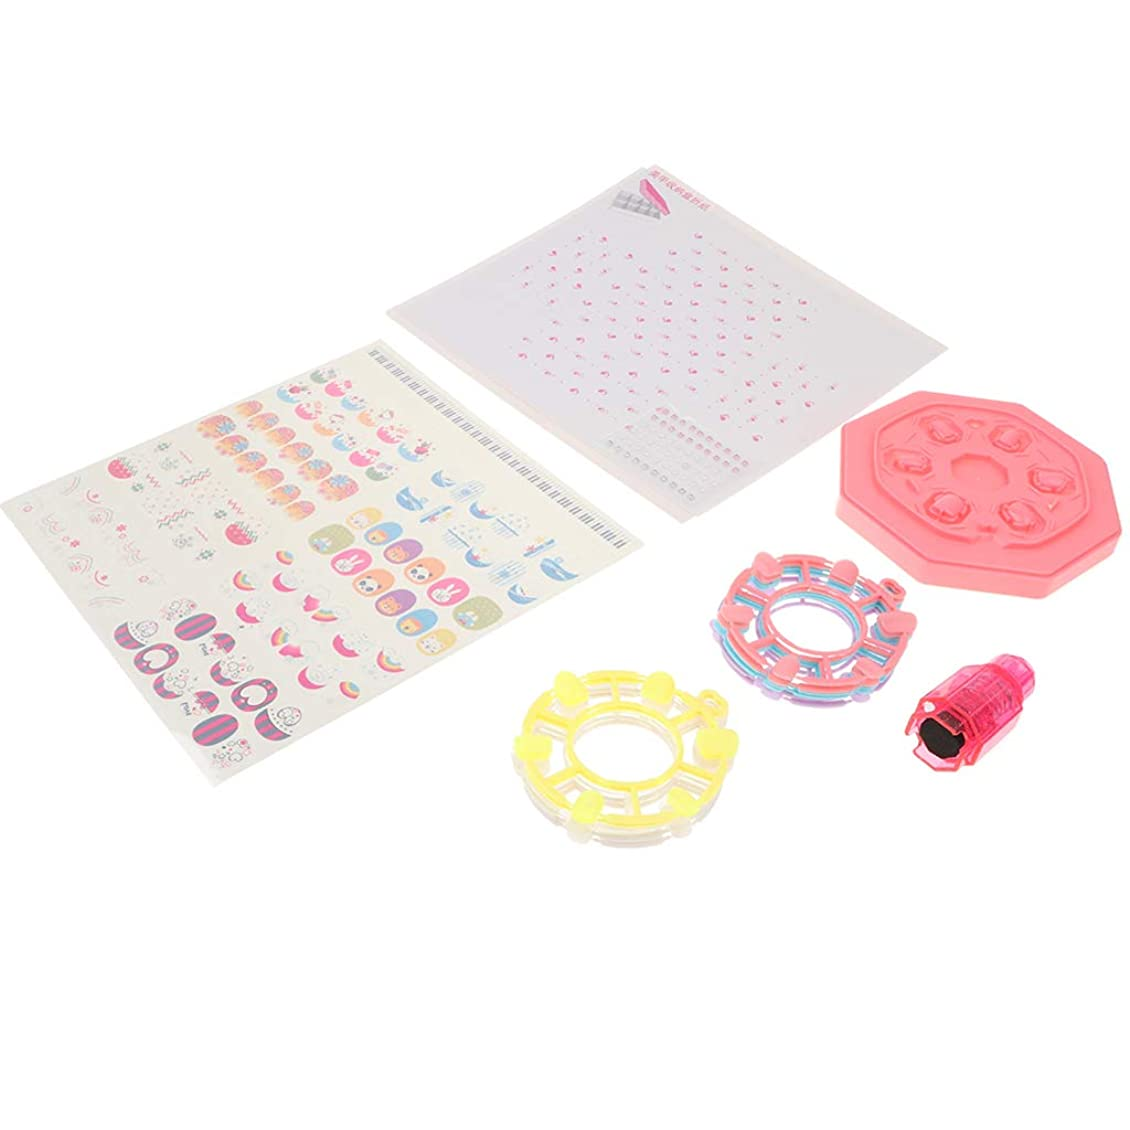 成功カヌーラジカルF Fityle DIYネイルアート 子ども 遊びおもちゃ 可愛いネイルデカール 爪の装飾 全2カラー - #1